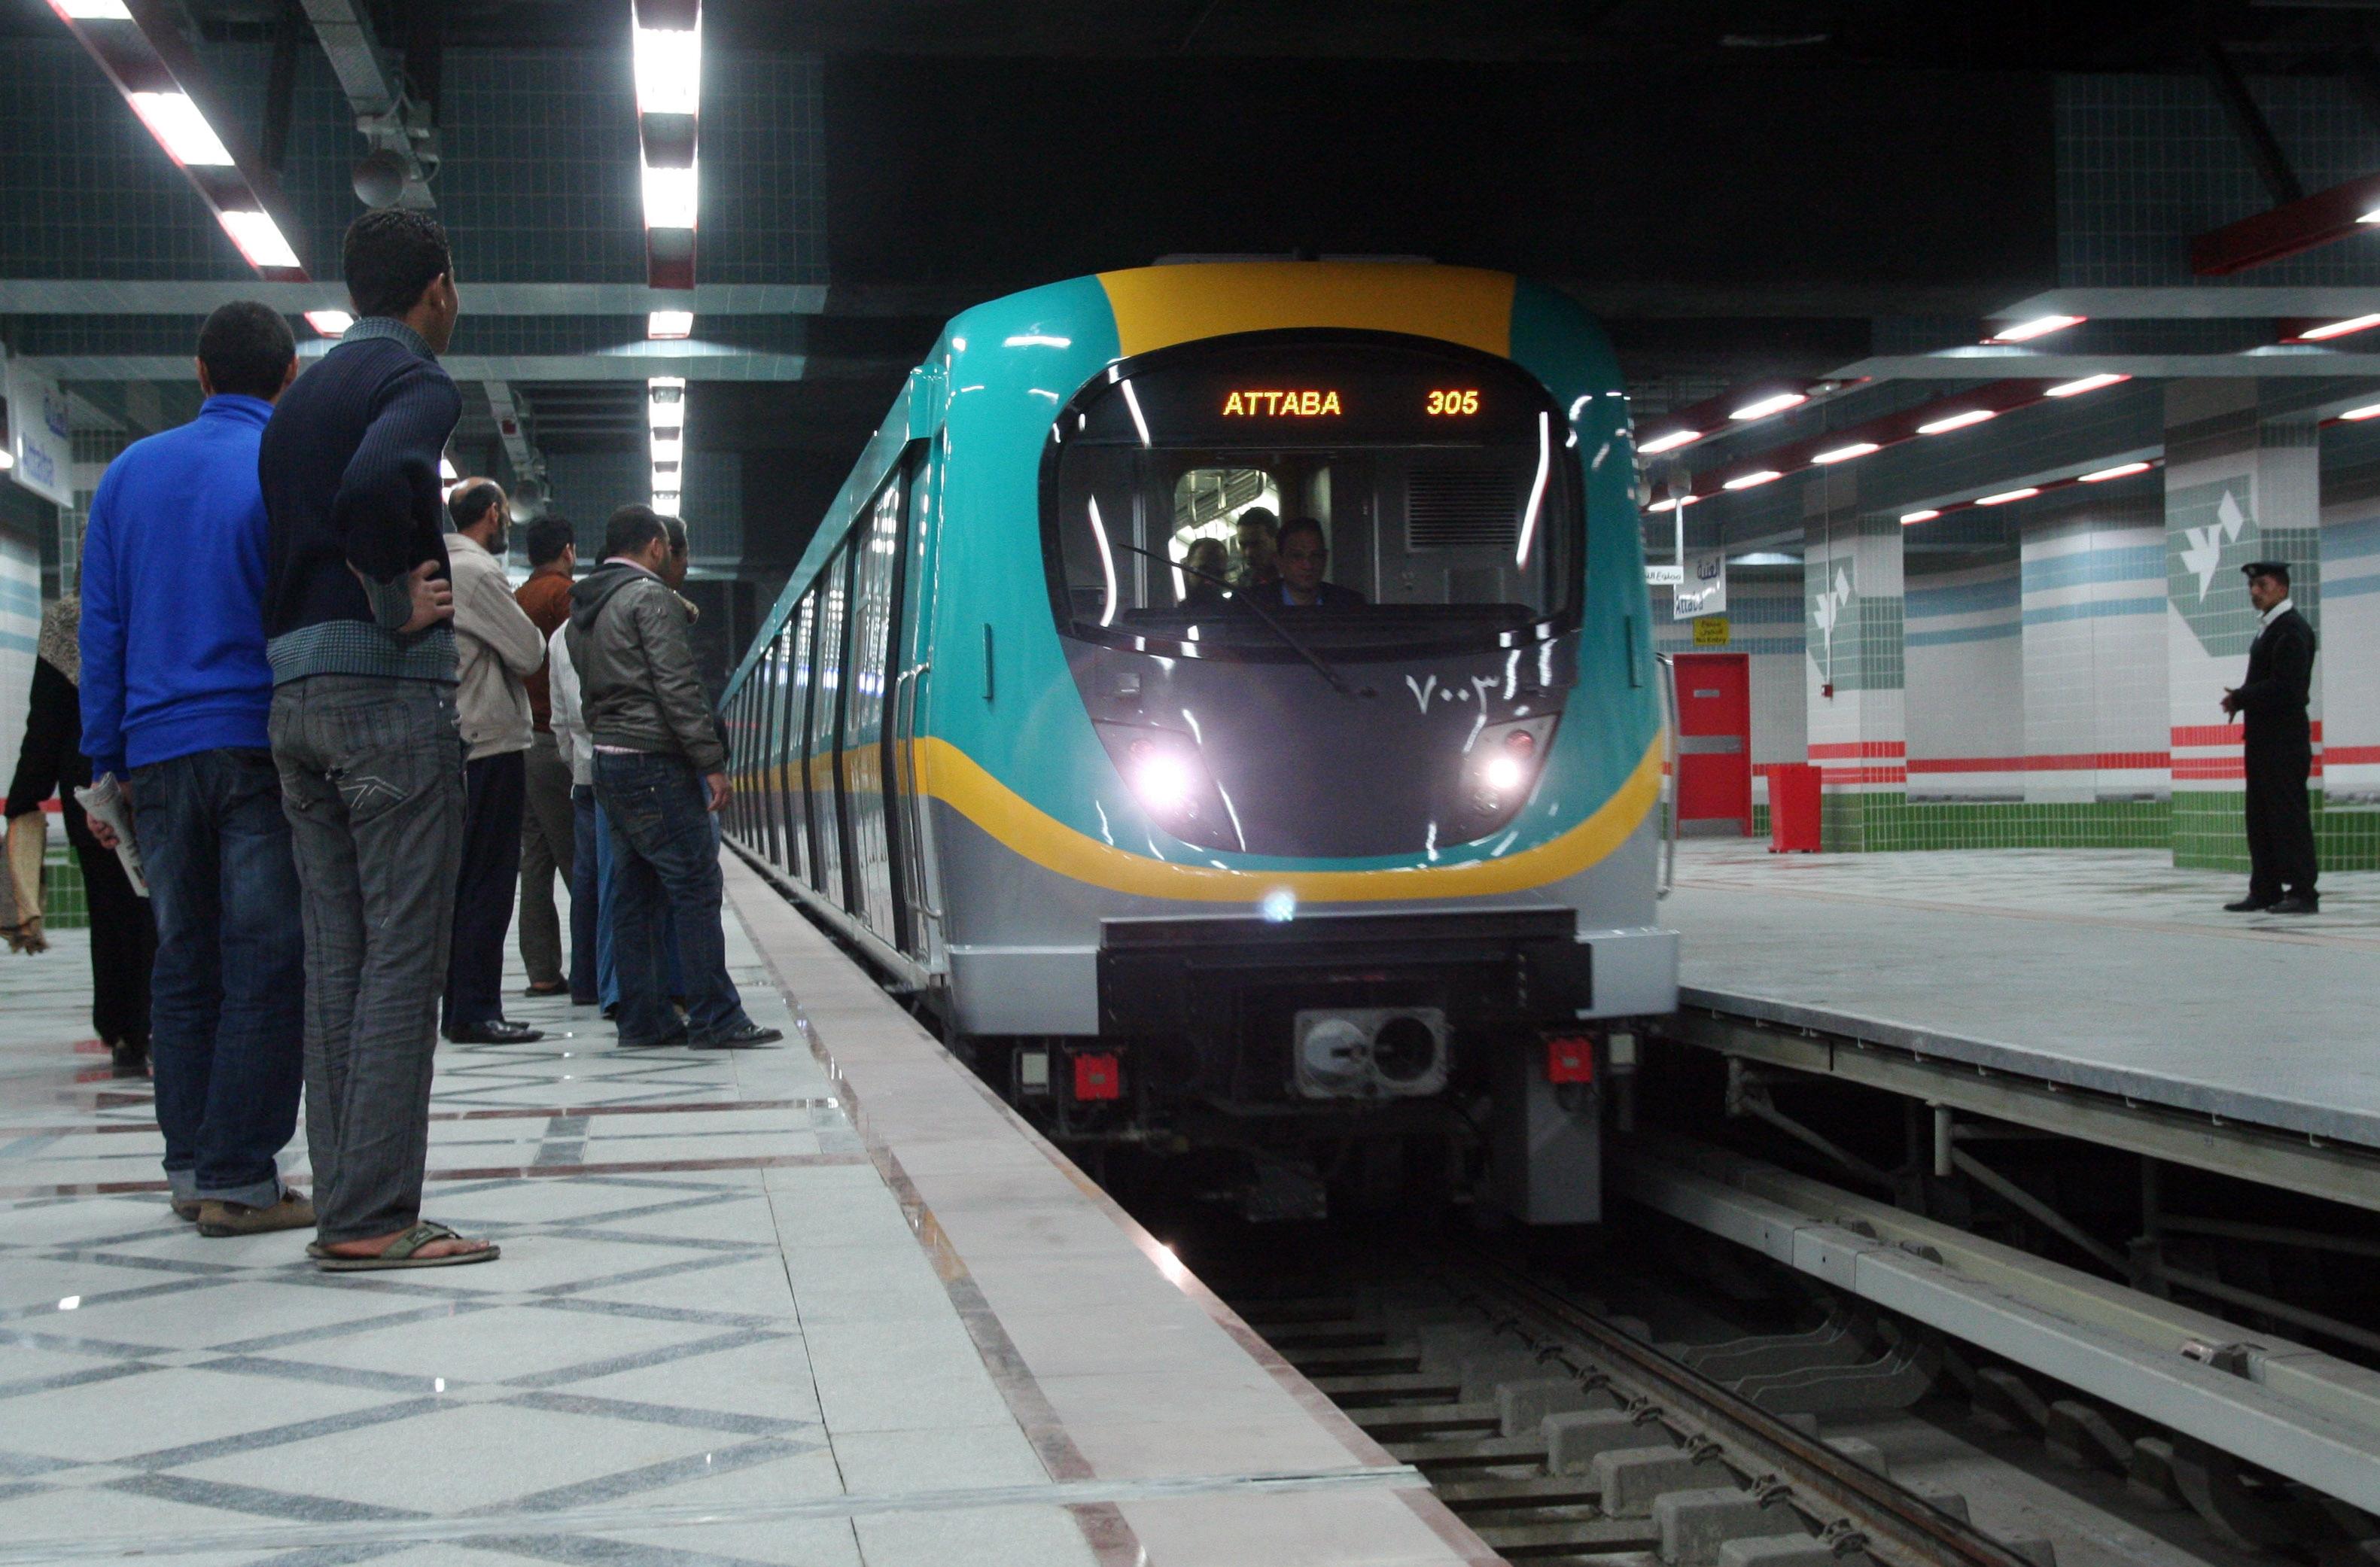 صورة وزارة النقل: زيادة سعر تذكرة مترو الأنفاق مازالت قيد الدراسة